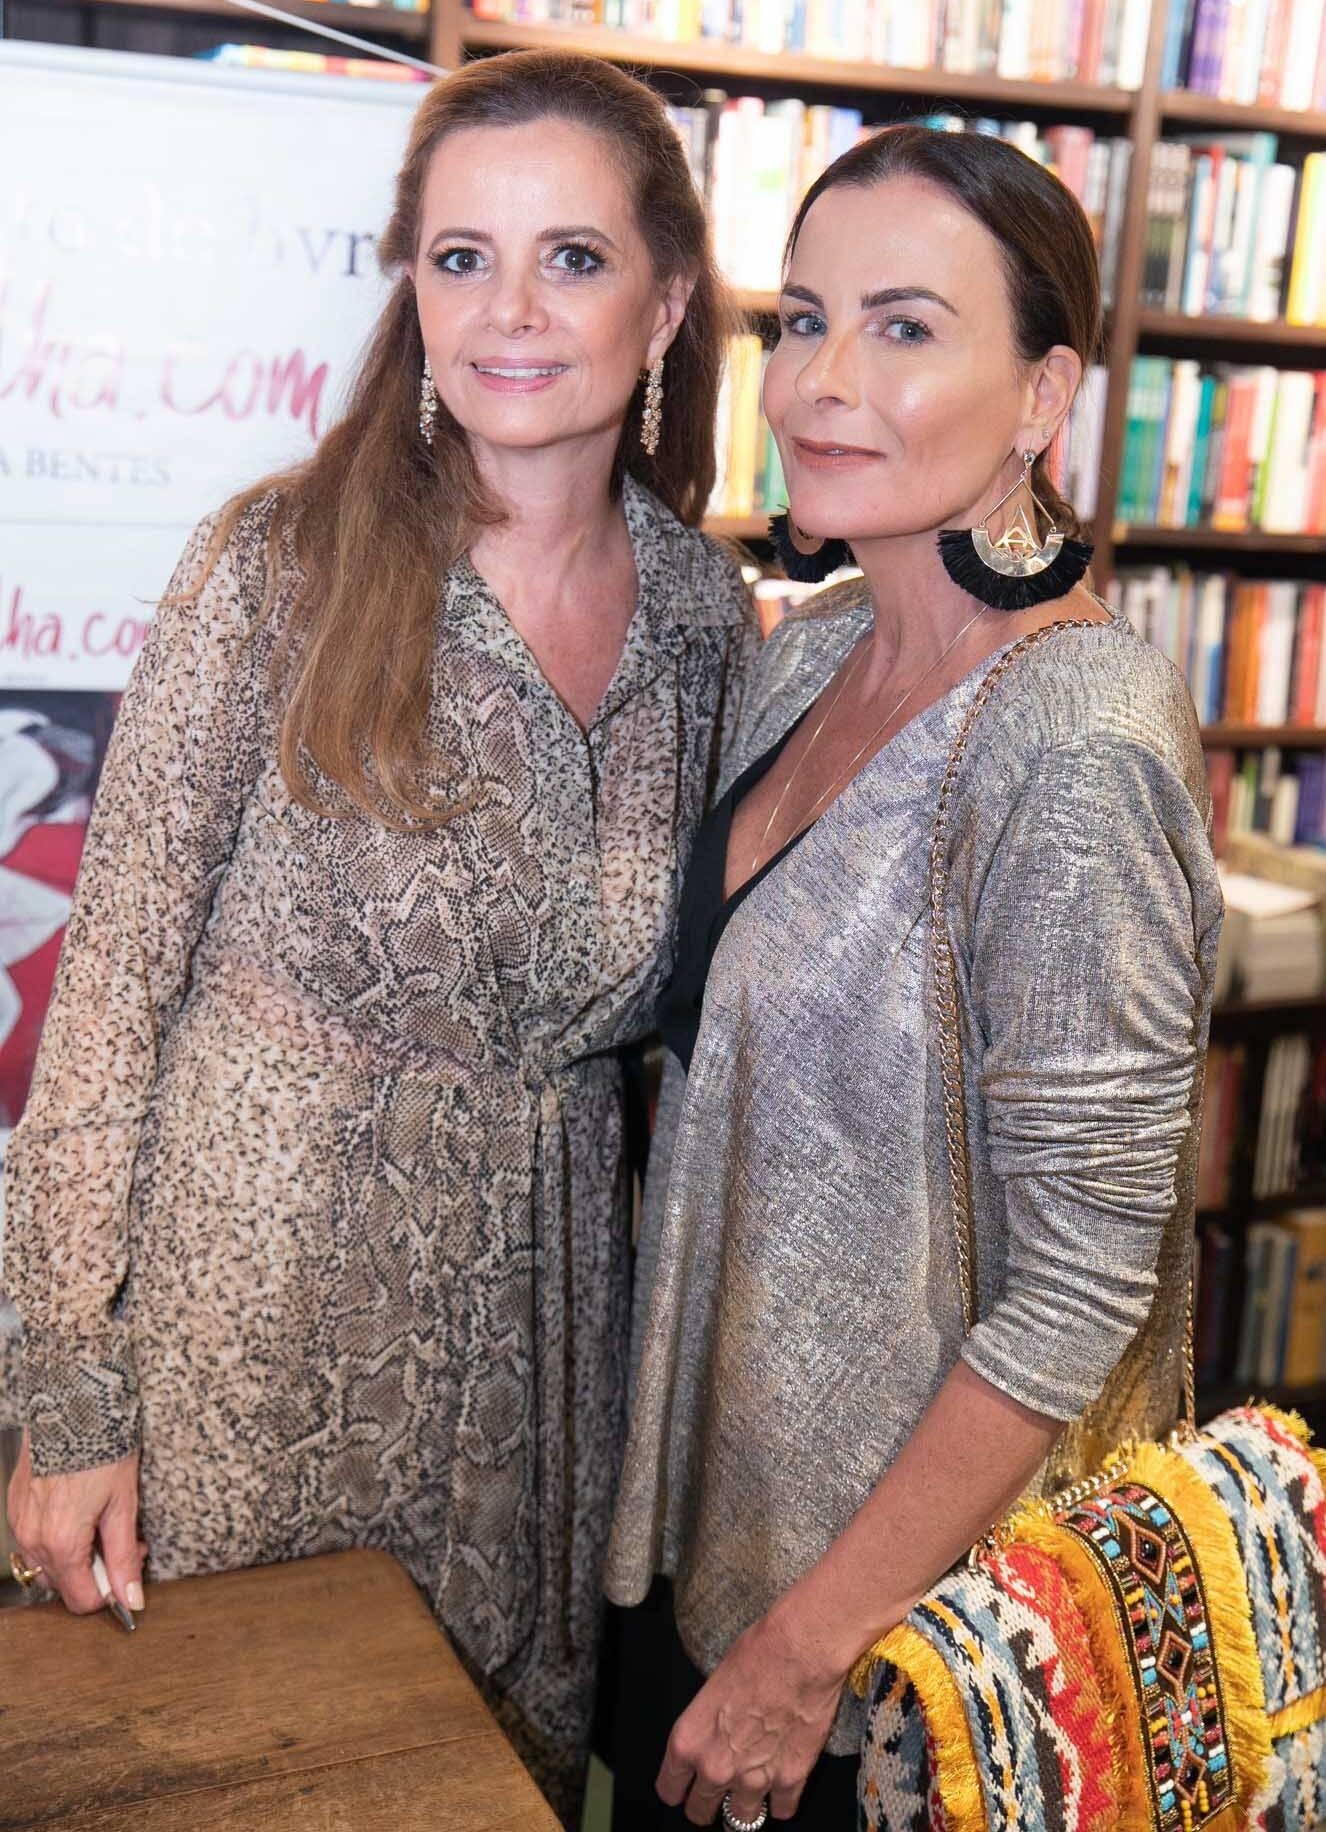 Priscila Bentes e Flavia Pires  /Foto: Miguel Sá